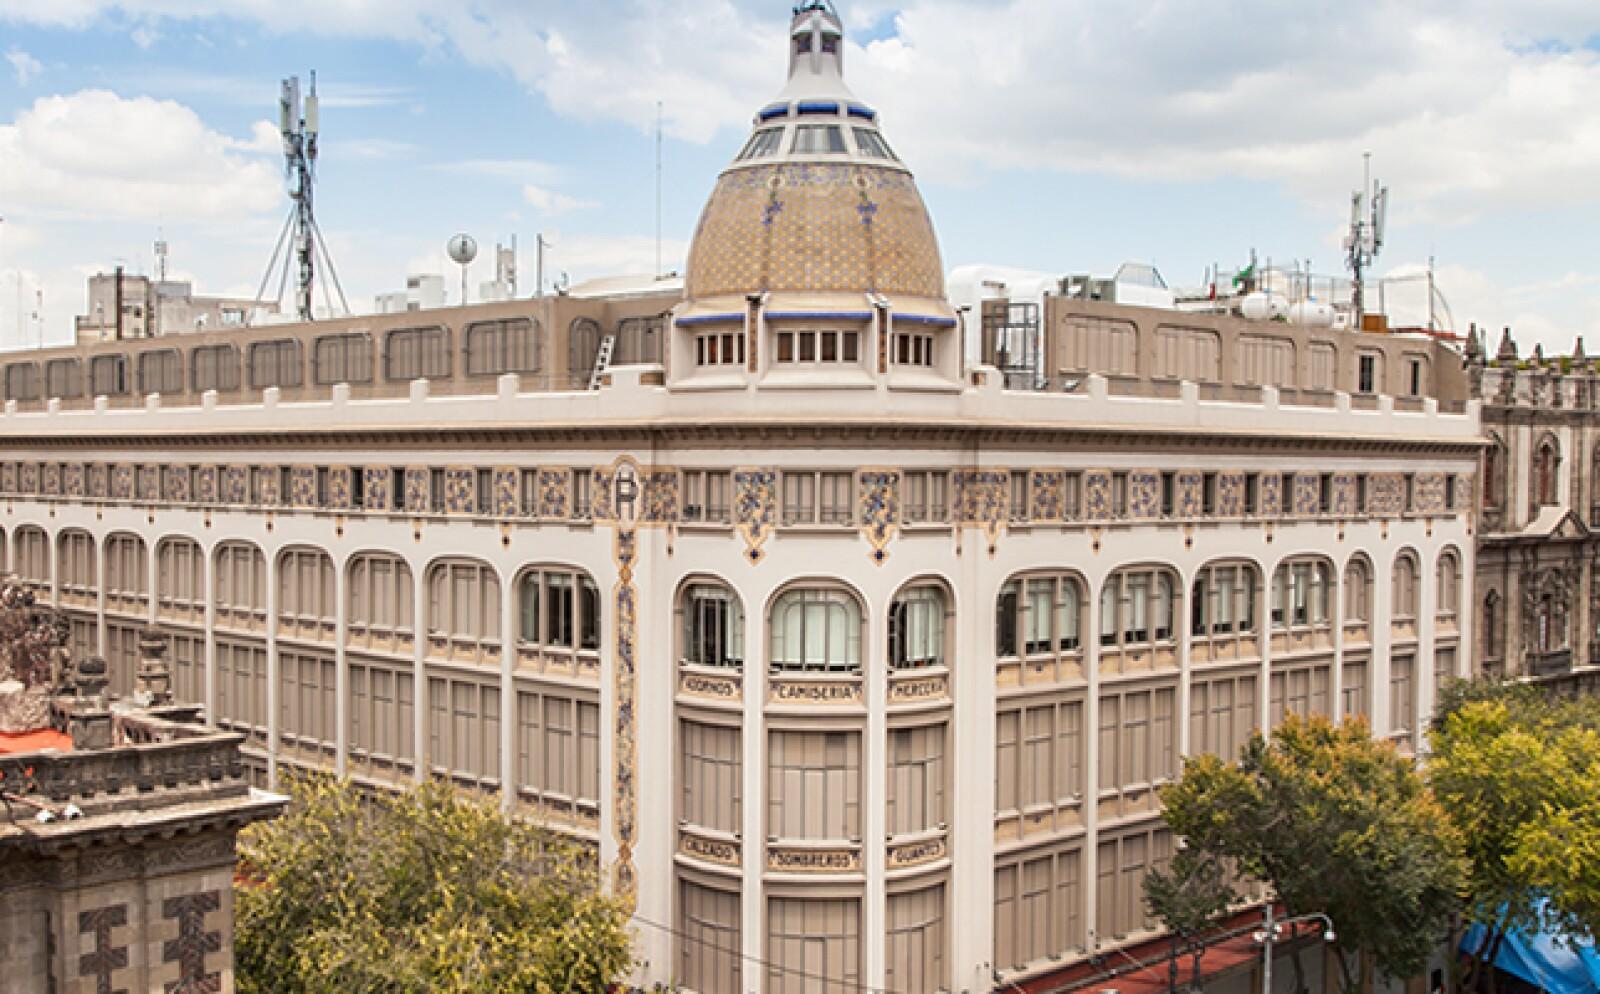 El edificio de la calle 20 de noviembre, en el centro histórico de la Ciudad de México fue el primer almacén de la cadena. La construcción  de 1888, propiedad de José Leautaud y José y Enrique Tron en aquel entonces, causó un gran impacto.